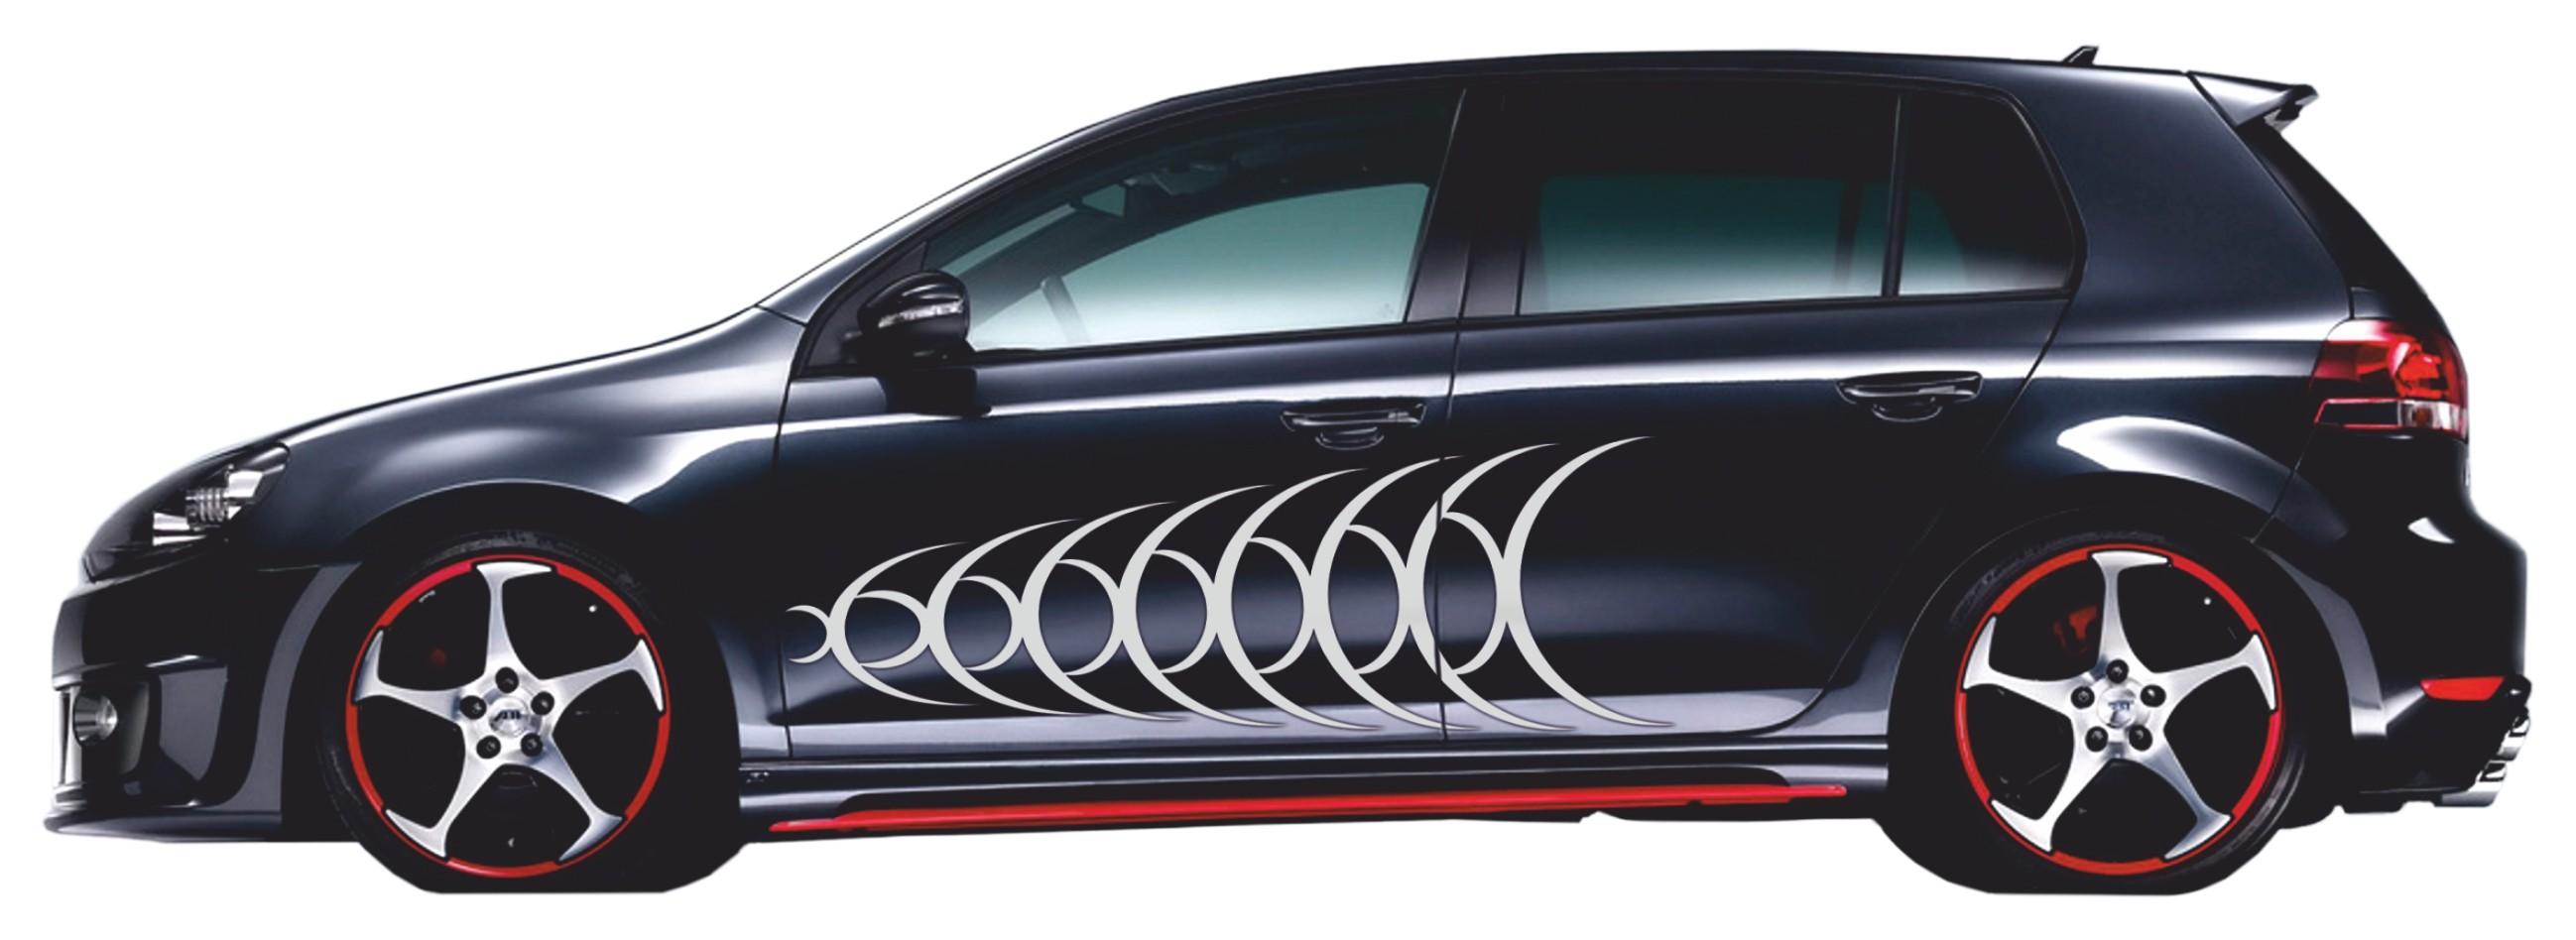 Car-Tattoo Schallwellen 1360 x 425 mm silber – Bild 2